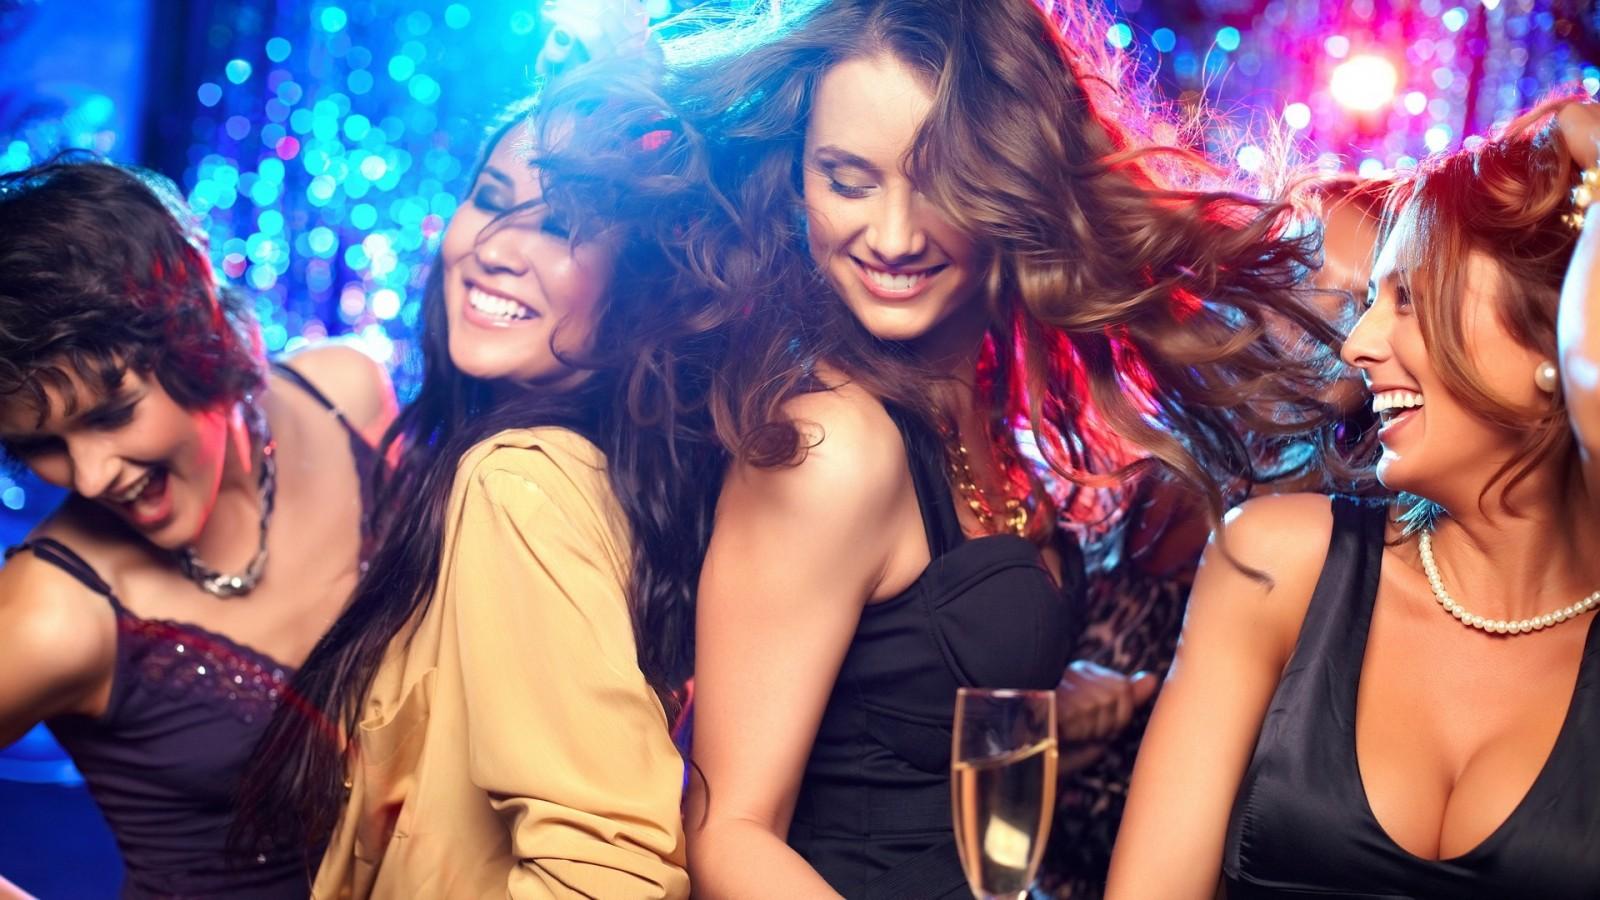 dancing_smiling_disco_women-217036.jpg